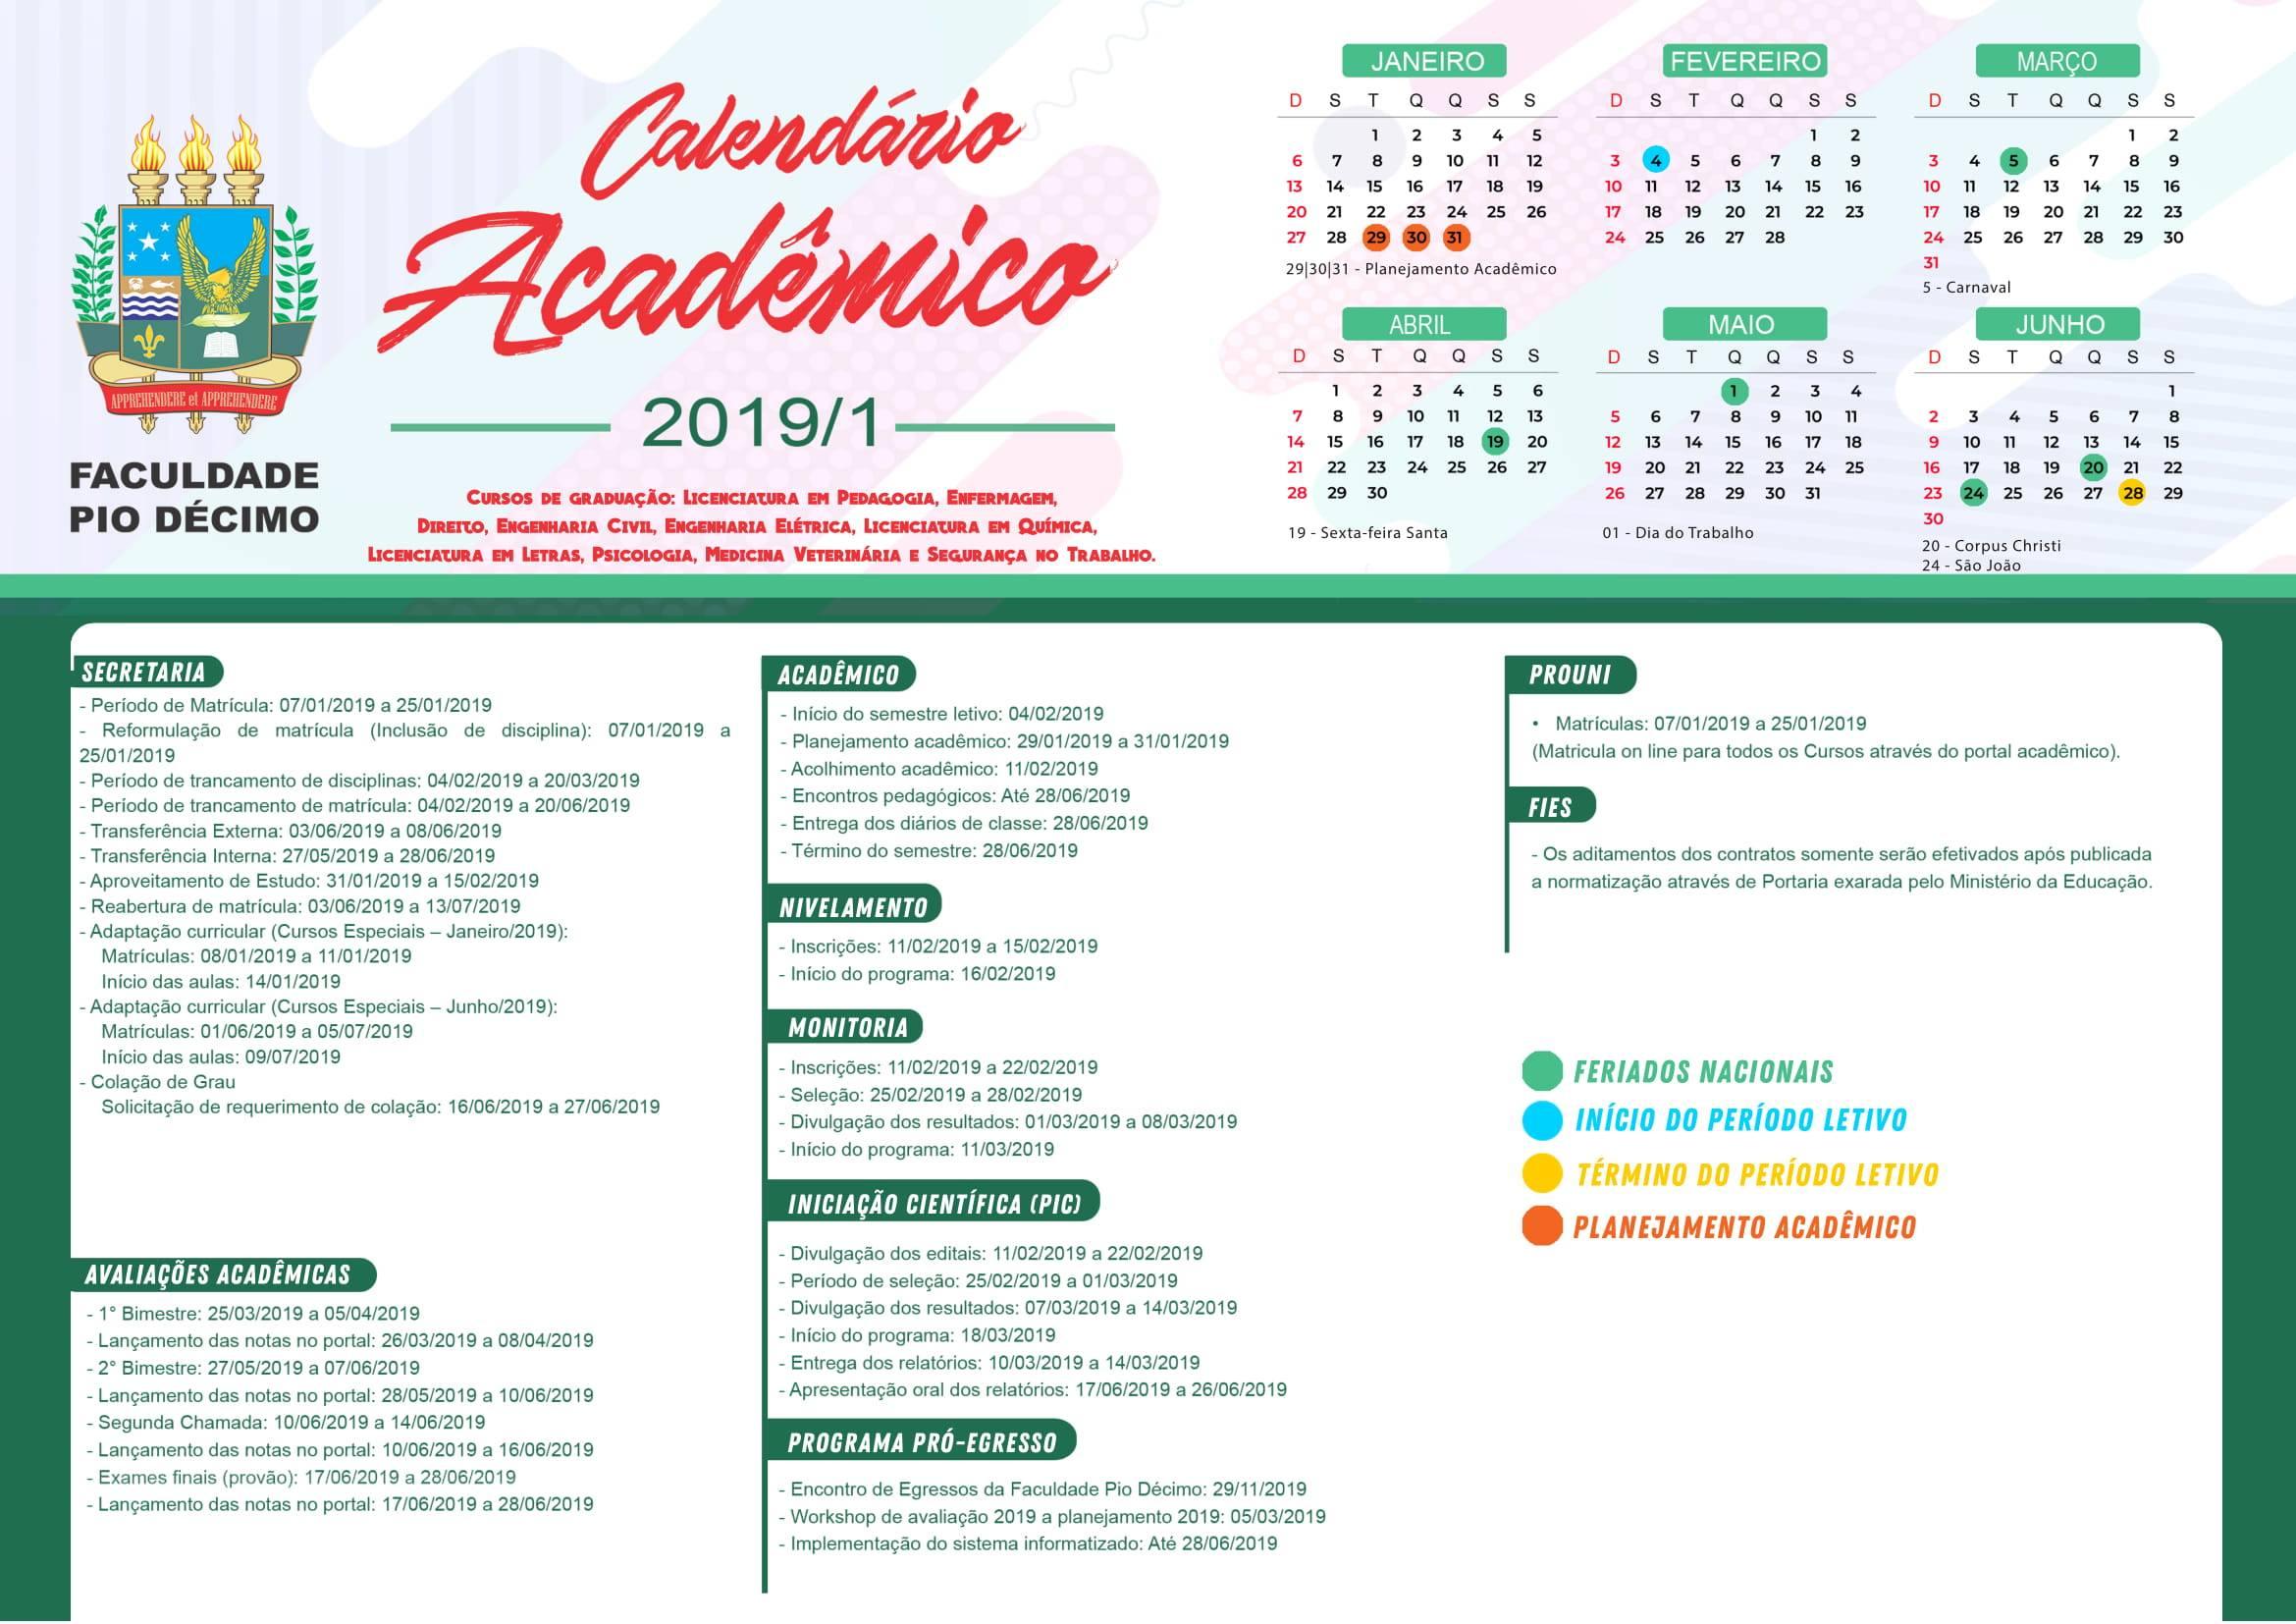 Calendário Acadêmico FACULDADE PIO DÉCIMO 2019-1 ok-1.jpg